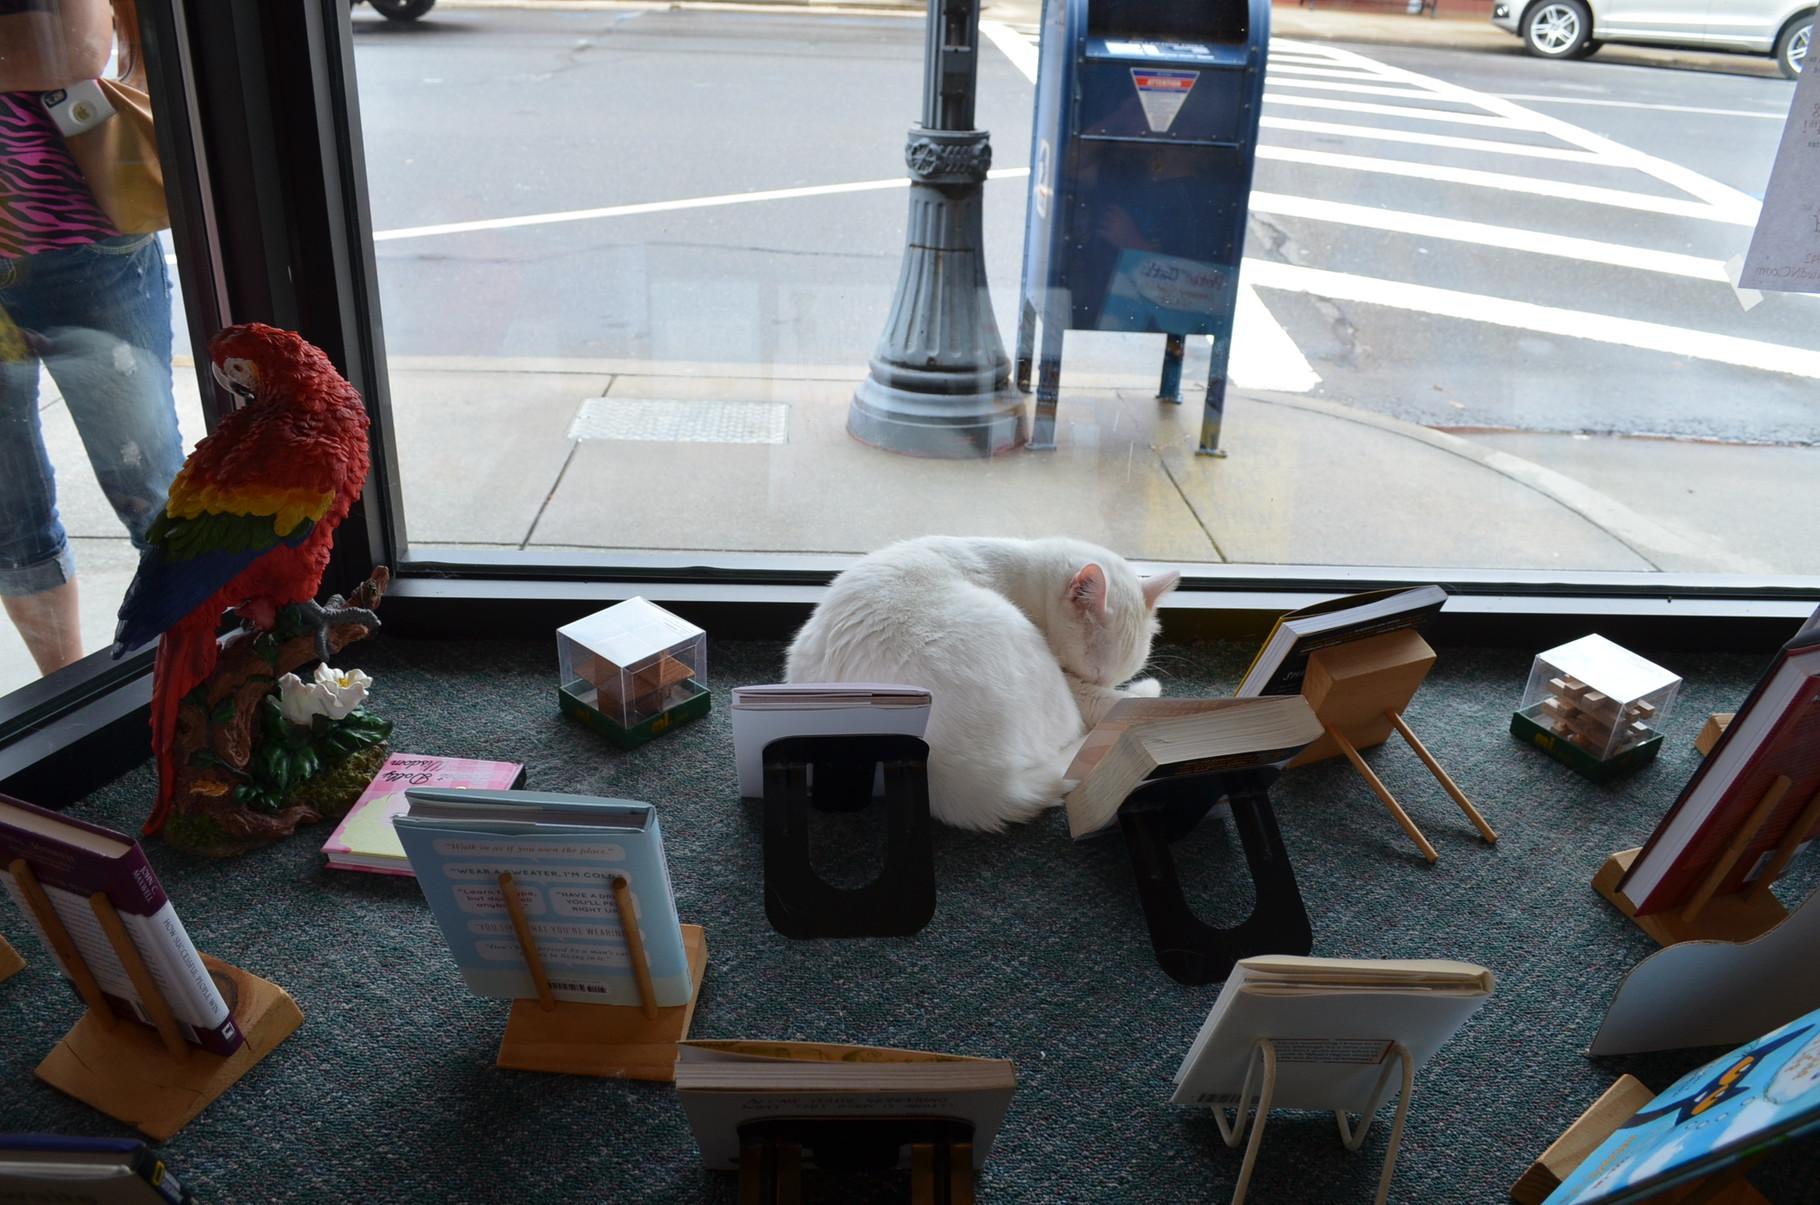 bester Laden: Buchladen mit Katzen!